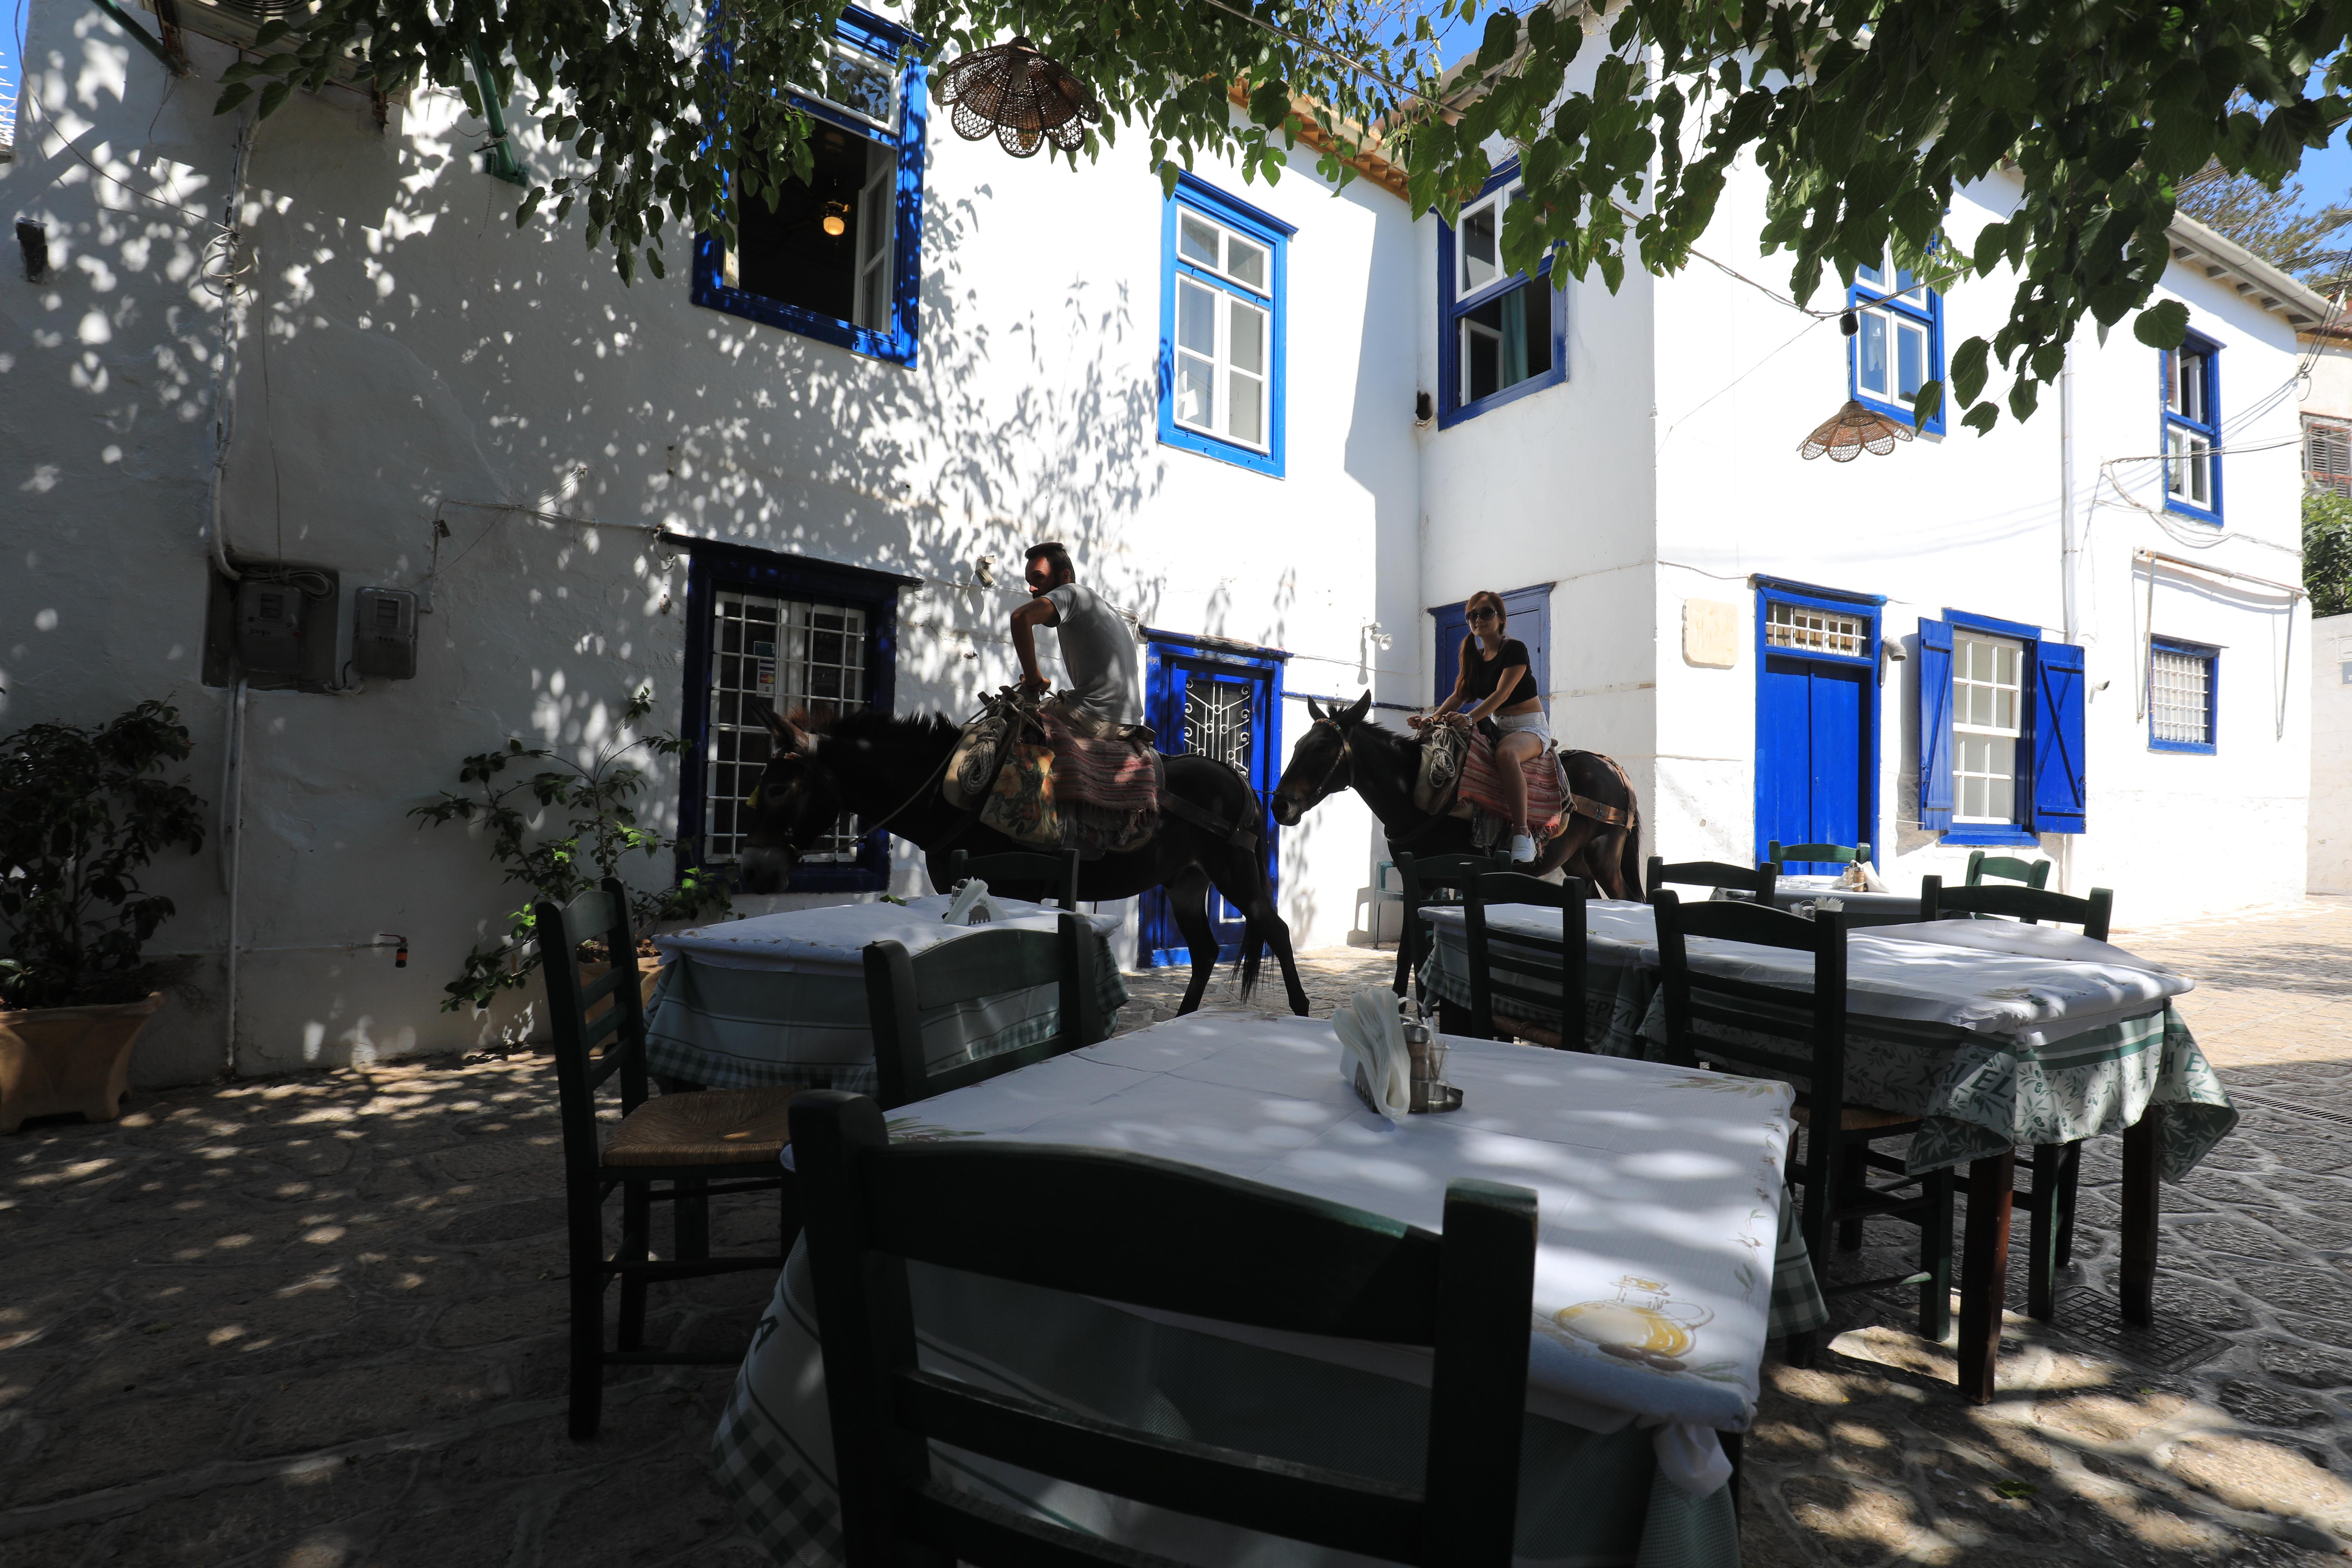 Turystyczna przejażdżka na koniach